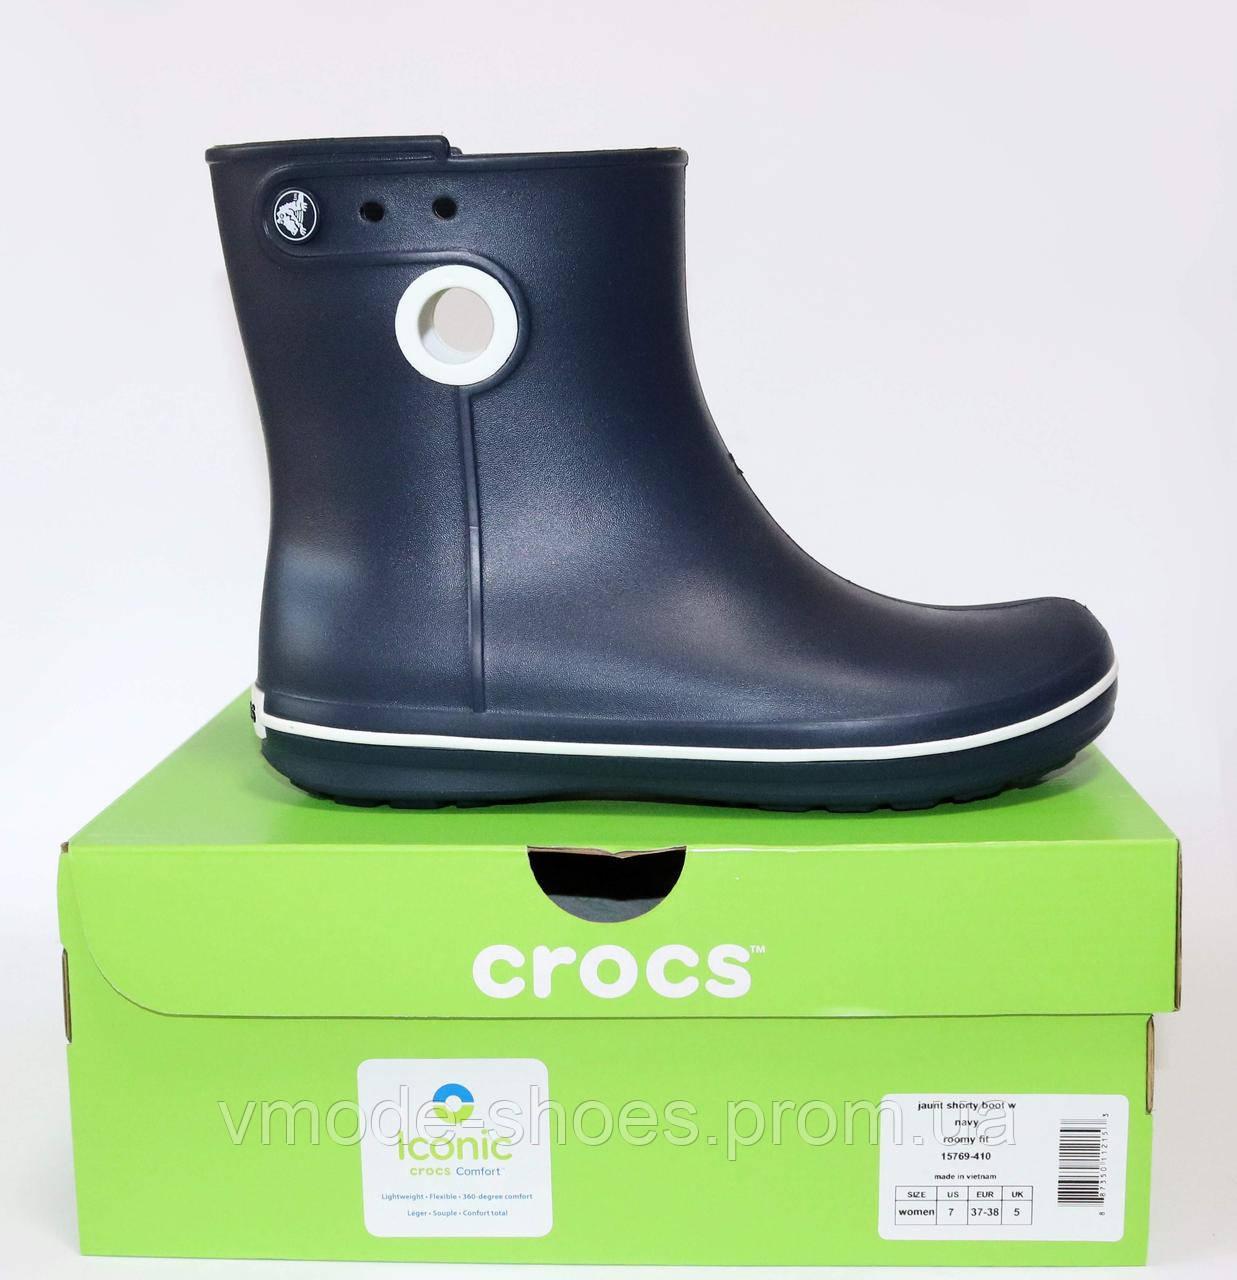 30b2631b9371 Сапоги Crocs Womens Jaunt Shorty Boot оригинал. W6